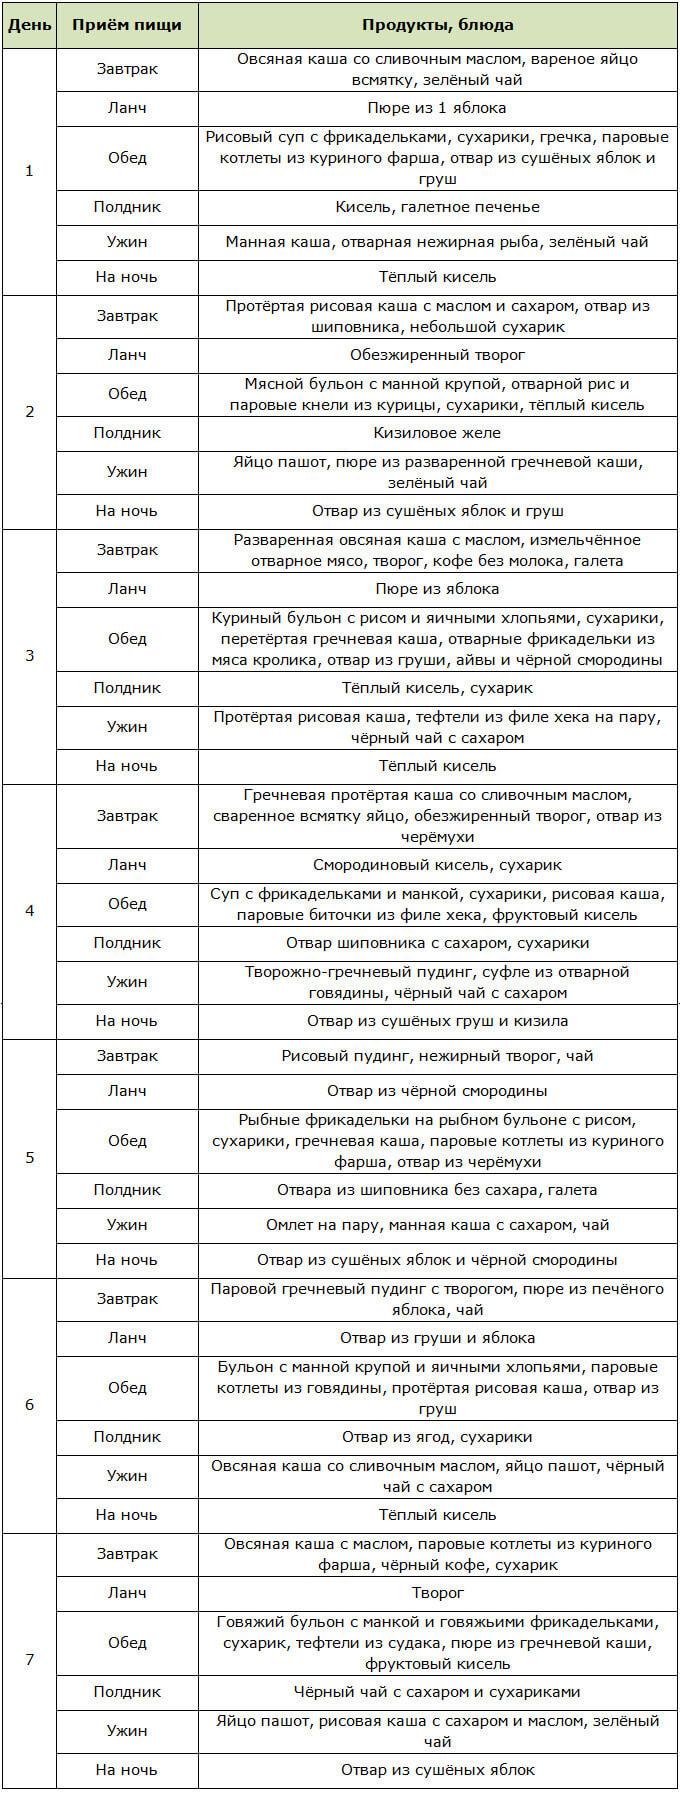 Примерное меню на неделю для лечебного стола №4 по Певзнеру